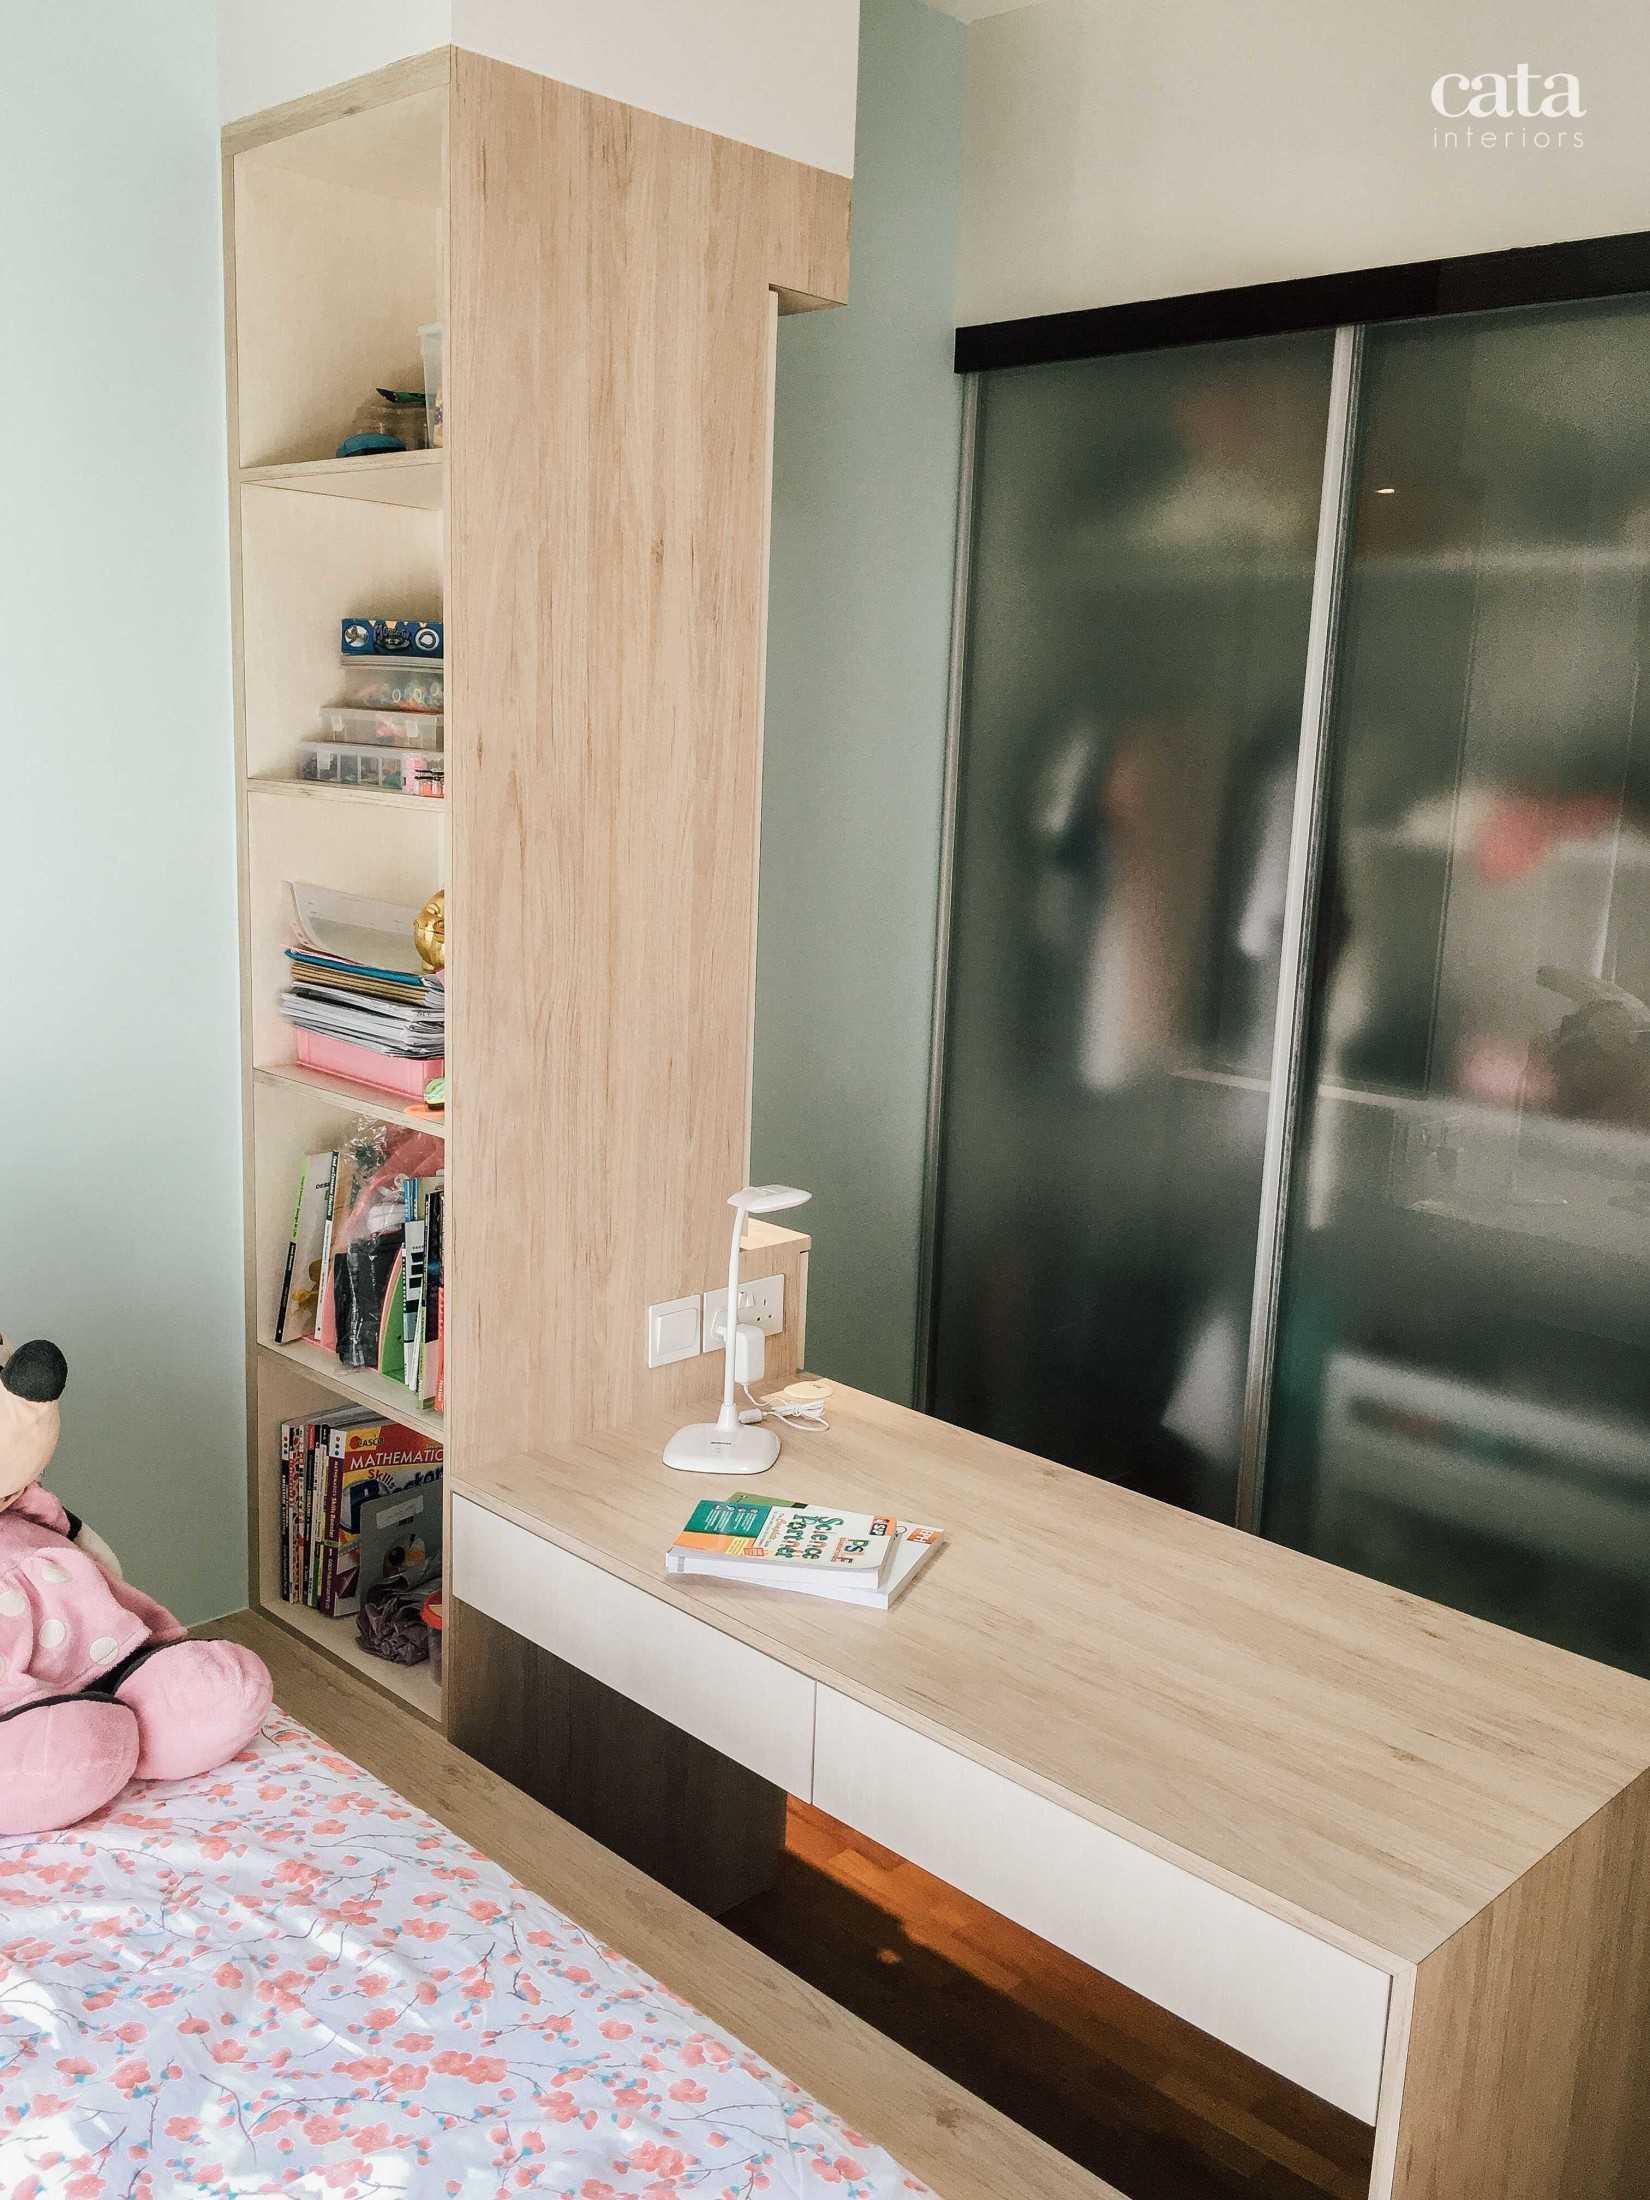 Cata Interiors Hillsta Condominium, Singapore Phoenix Rd, Singapura Phoenix Rd, Singapura Cata-Interiors-Hillsta-Condominium-Singapore  100315